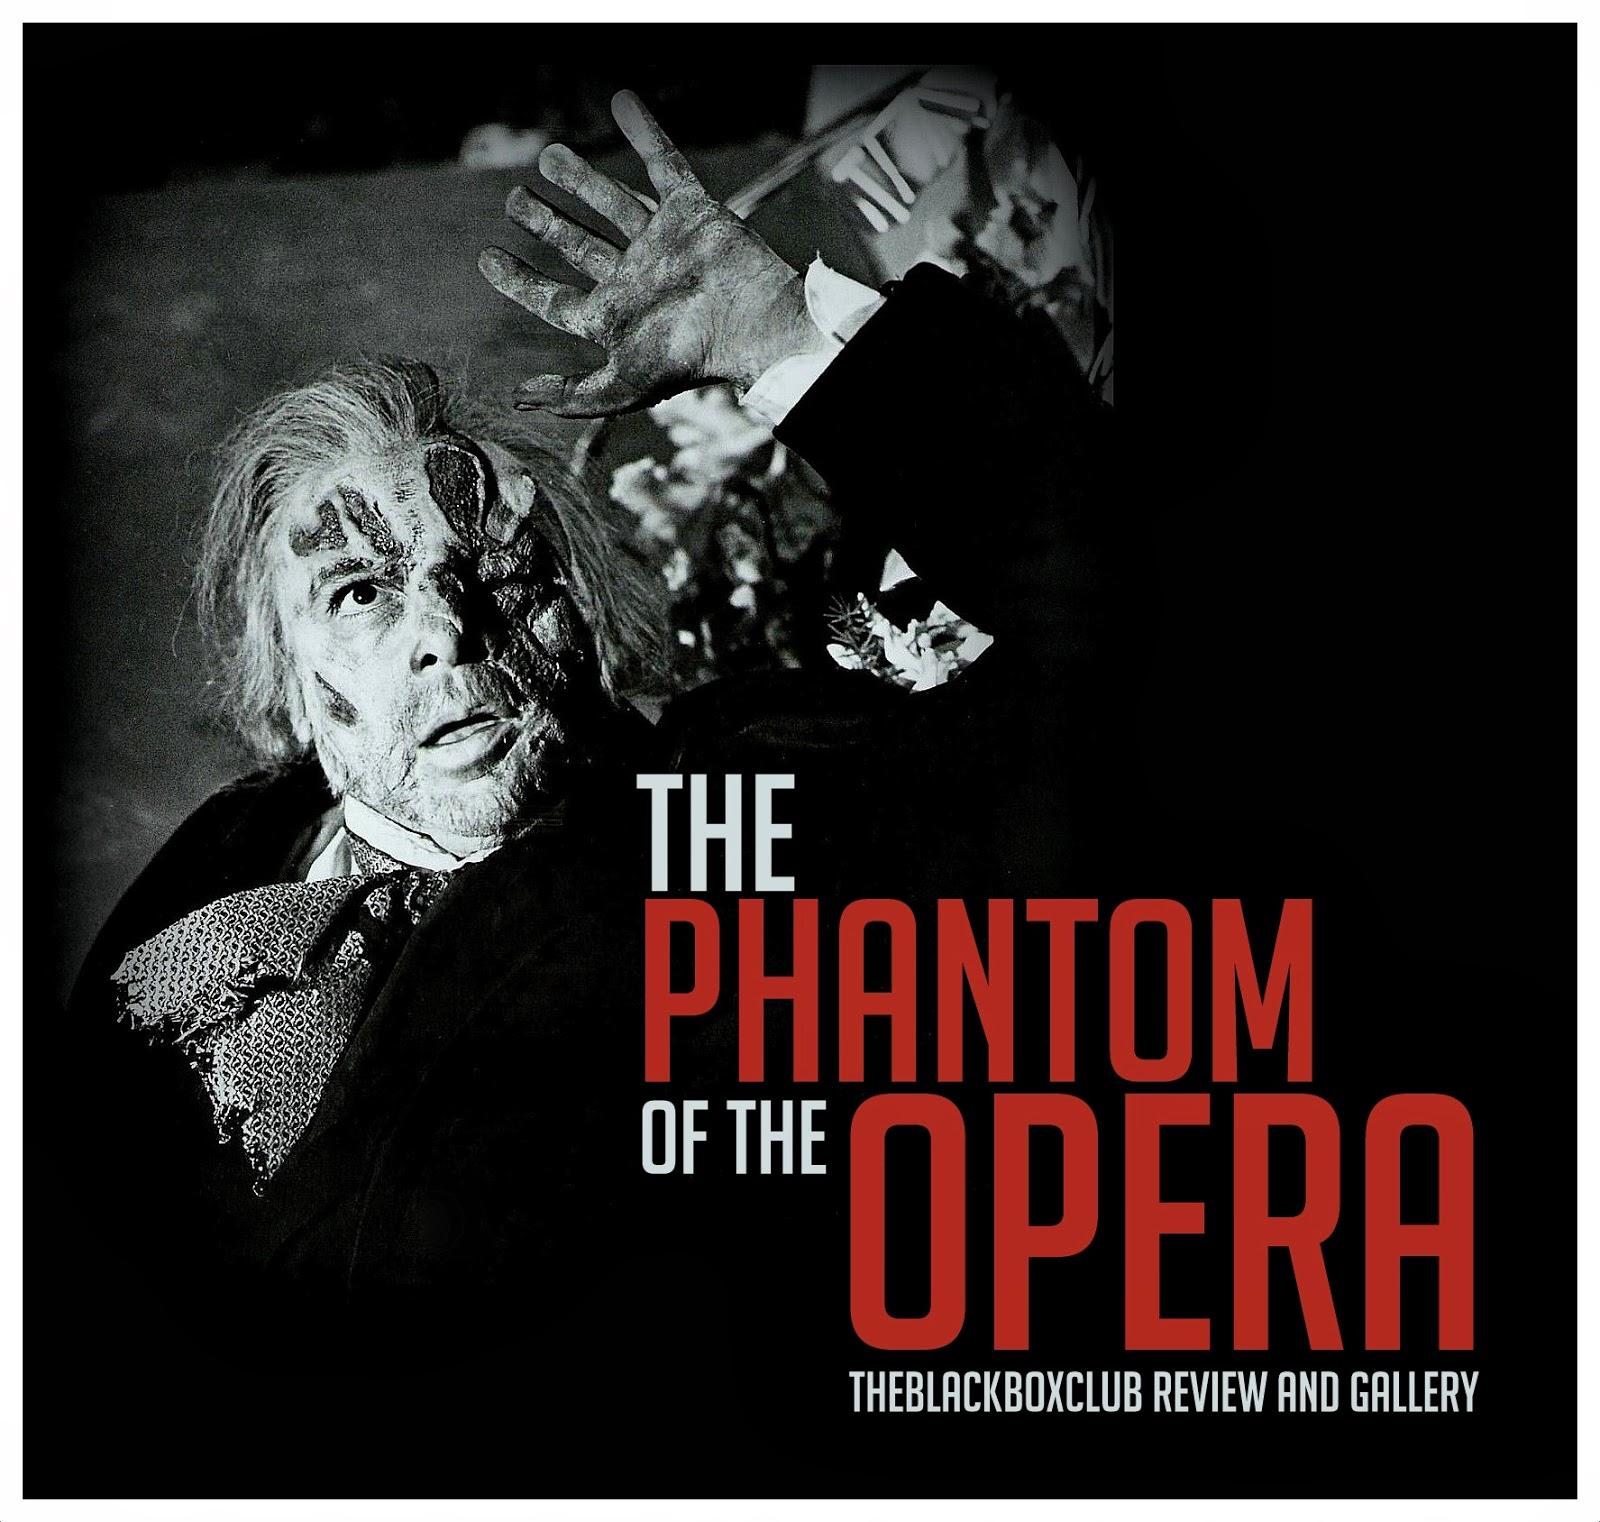 phantomen på operan film